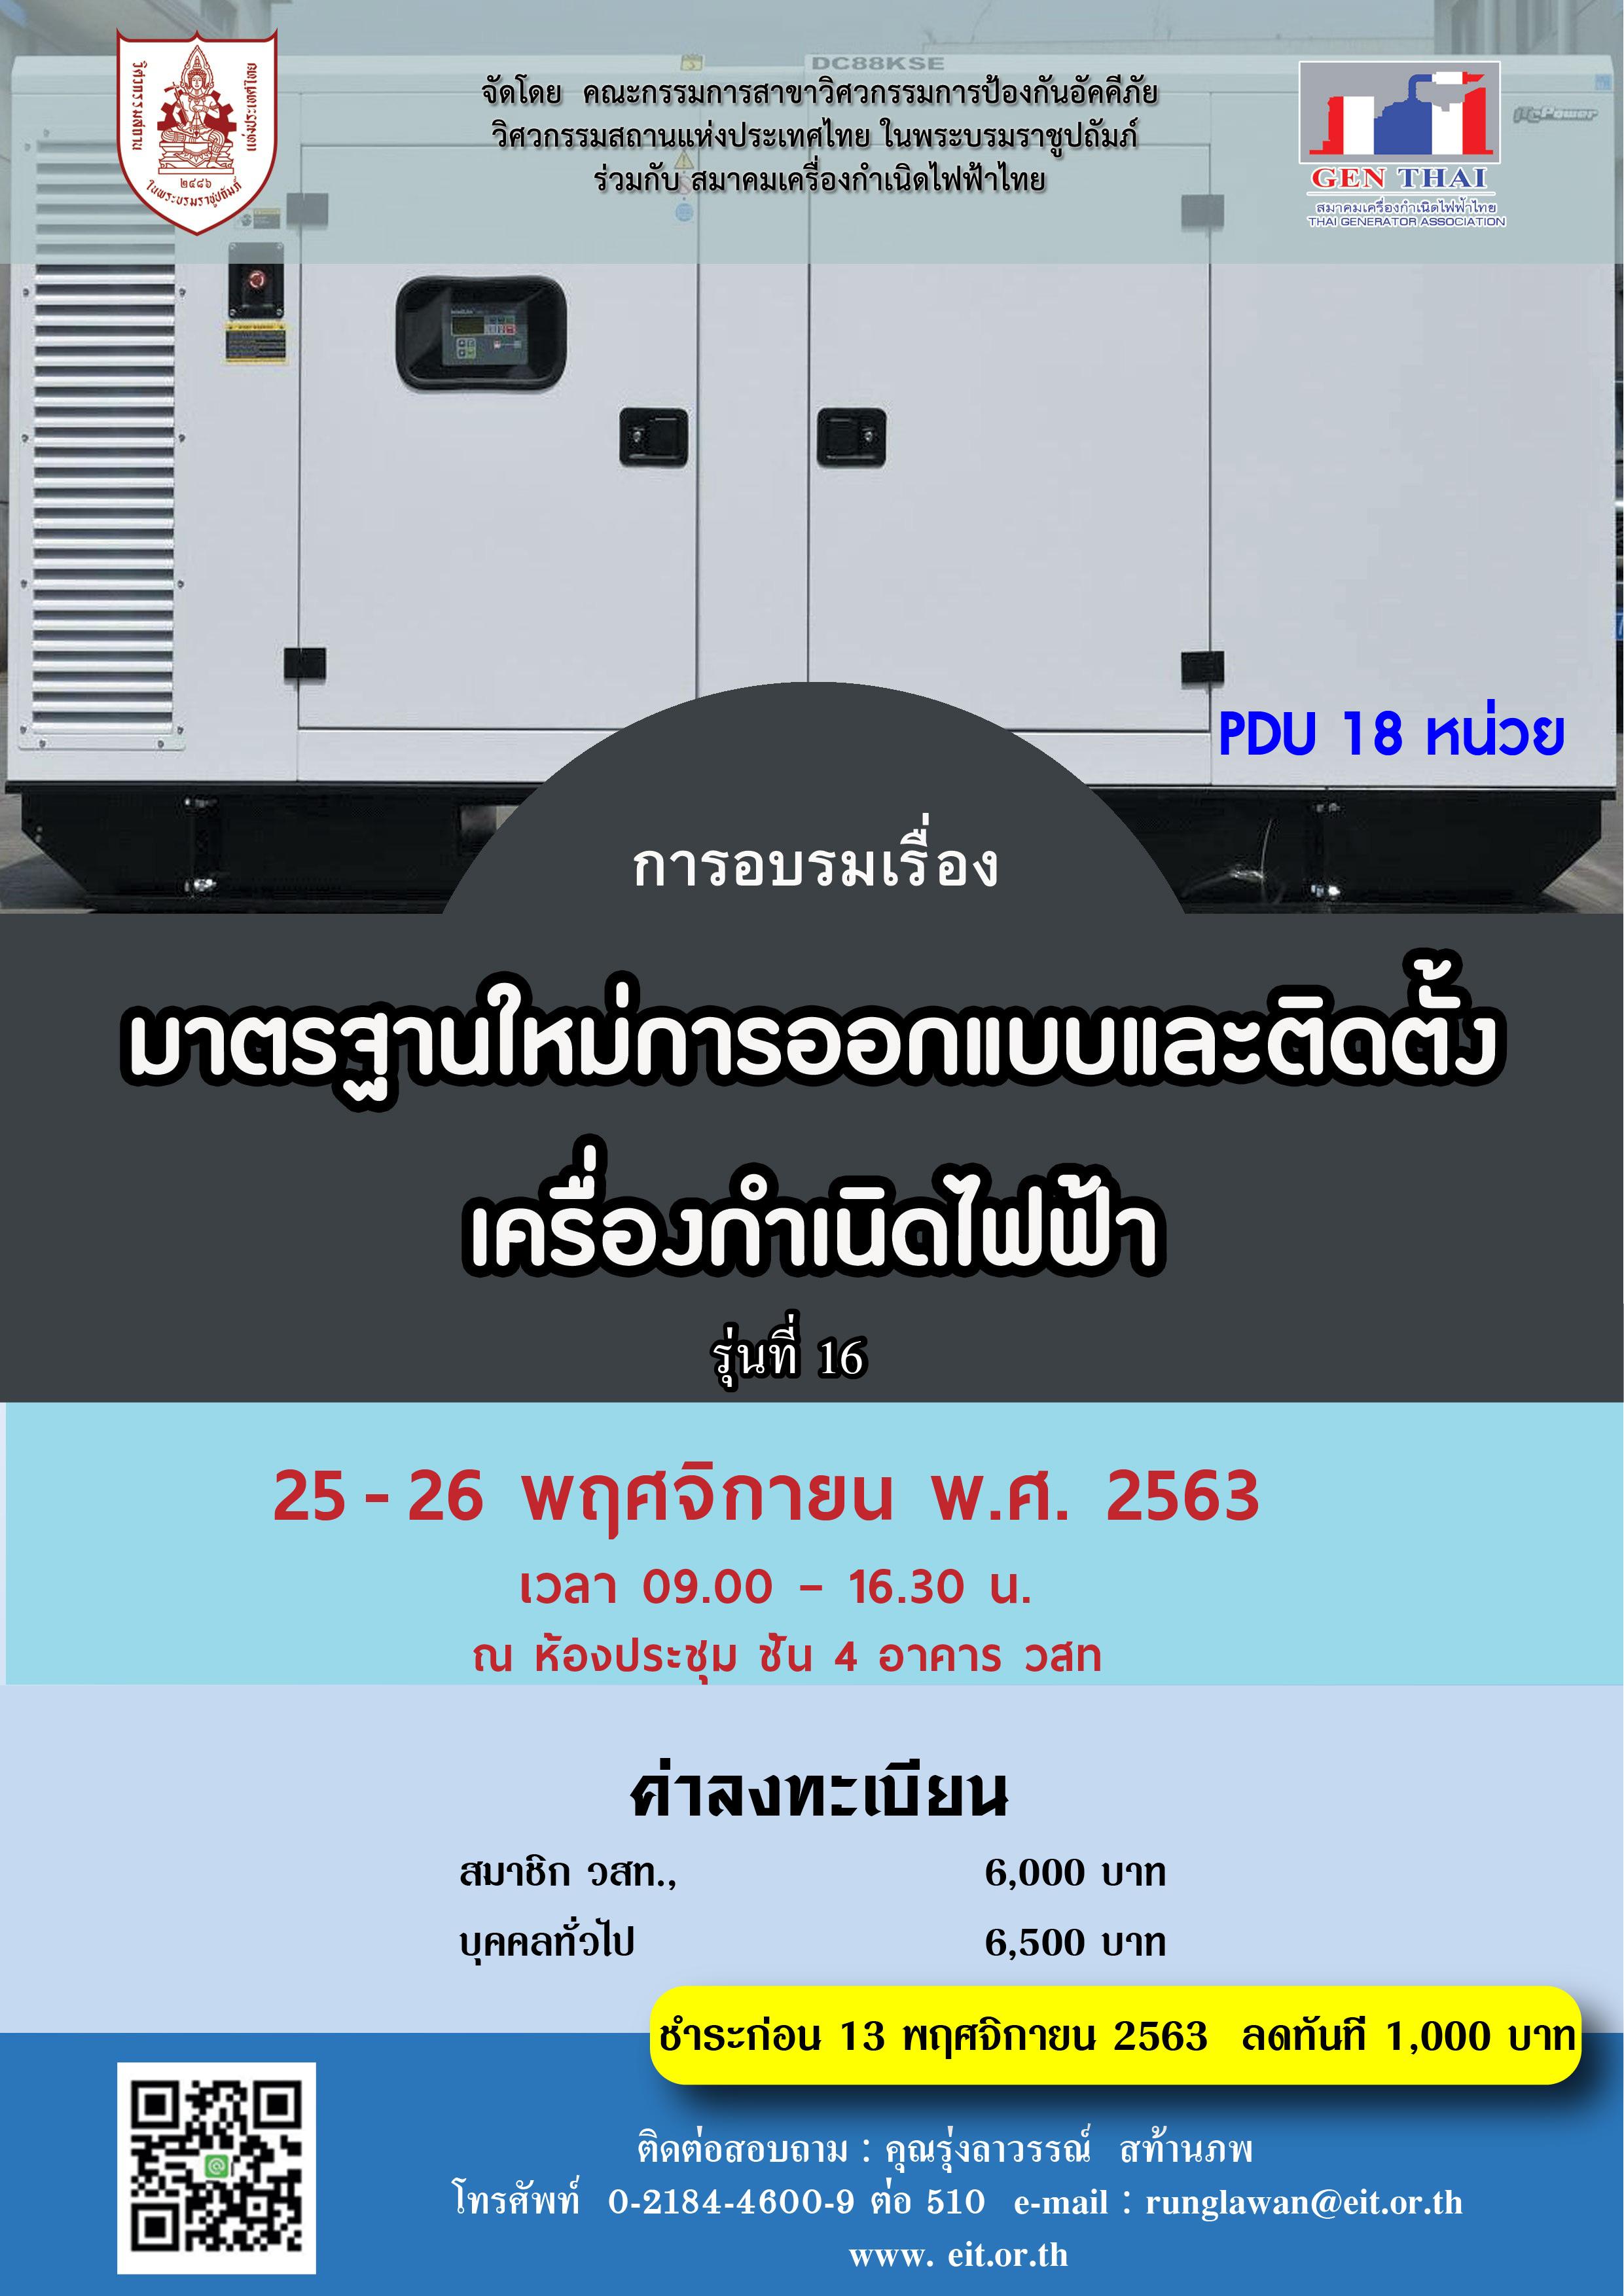 25-26/11/2563 การอบรมเรื่อง มาตรฐานใหม่การออกแบบและติดตั้งเครื่องกำเนิดไฟฟ้า รุ่นที่ 16